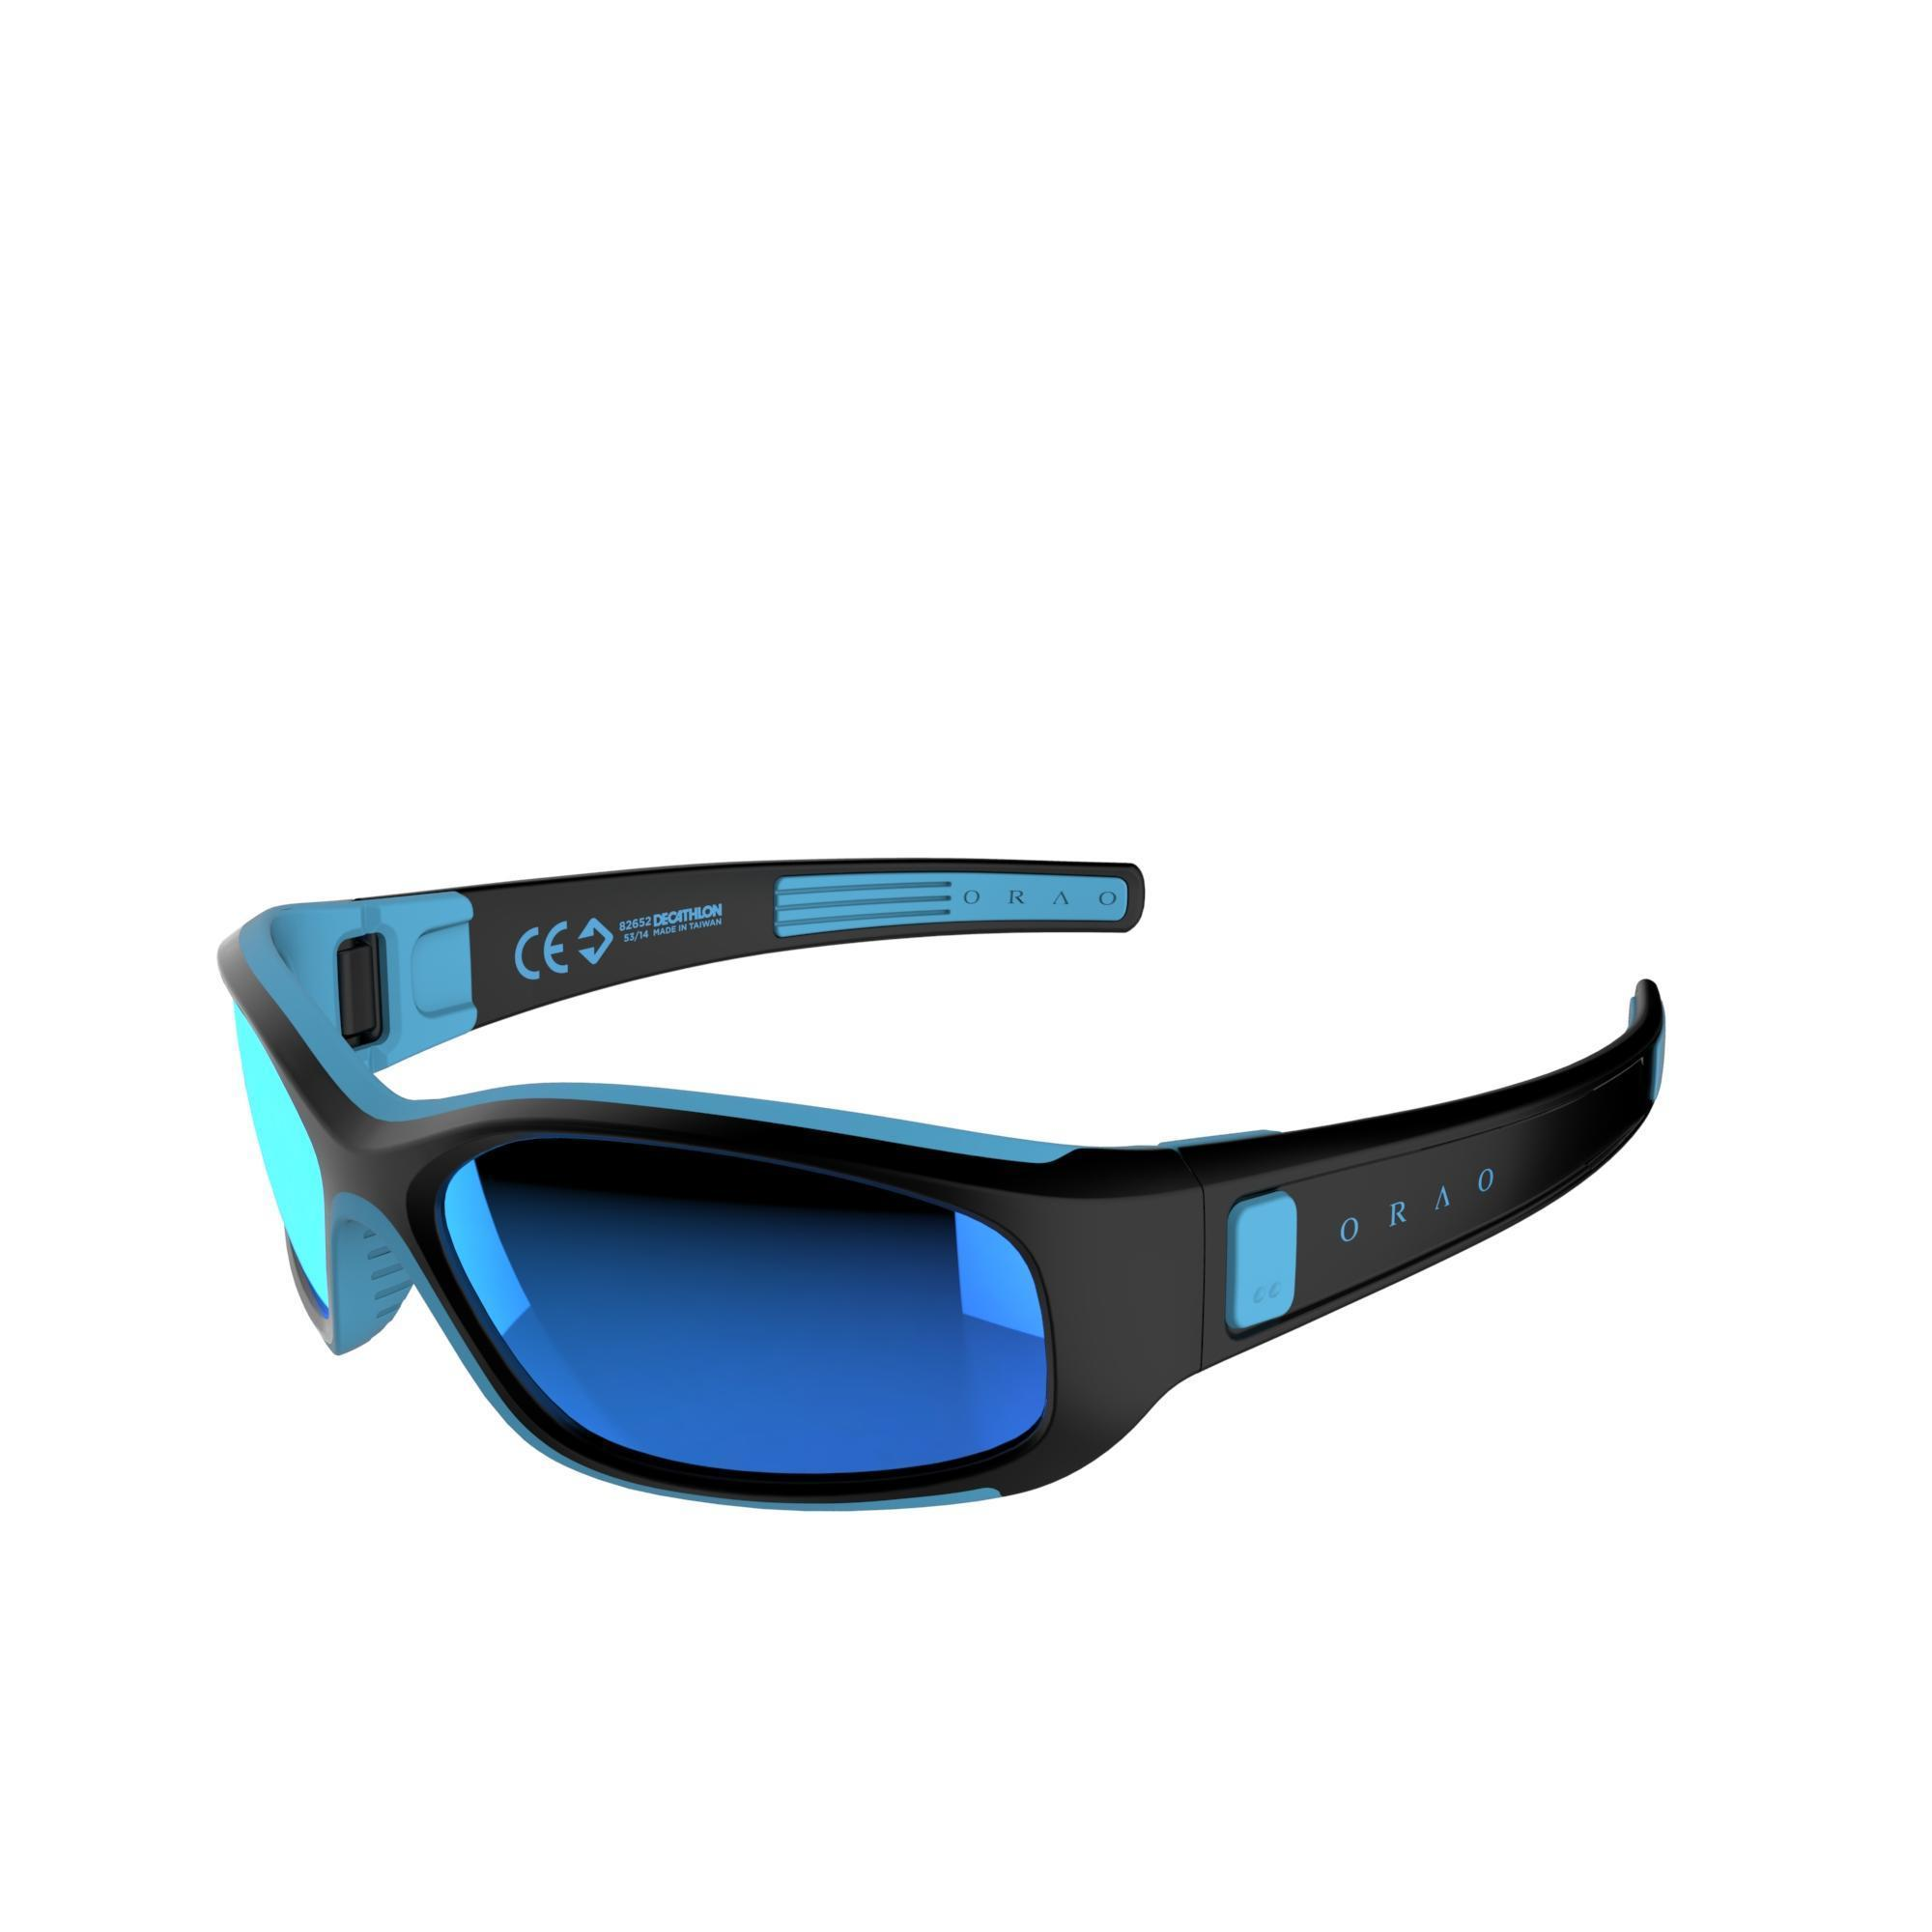 lunettes de soleil pour enfant de 5 8 ans boomer orao. Black Bedroom Furniture Sets. Home Design Ideas